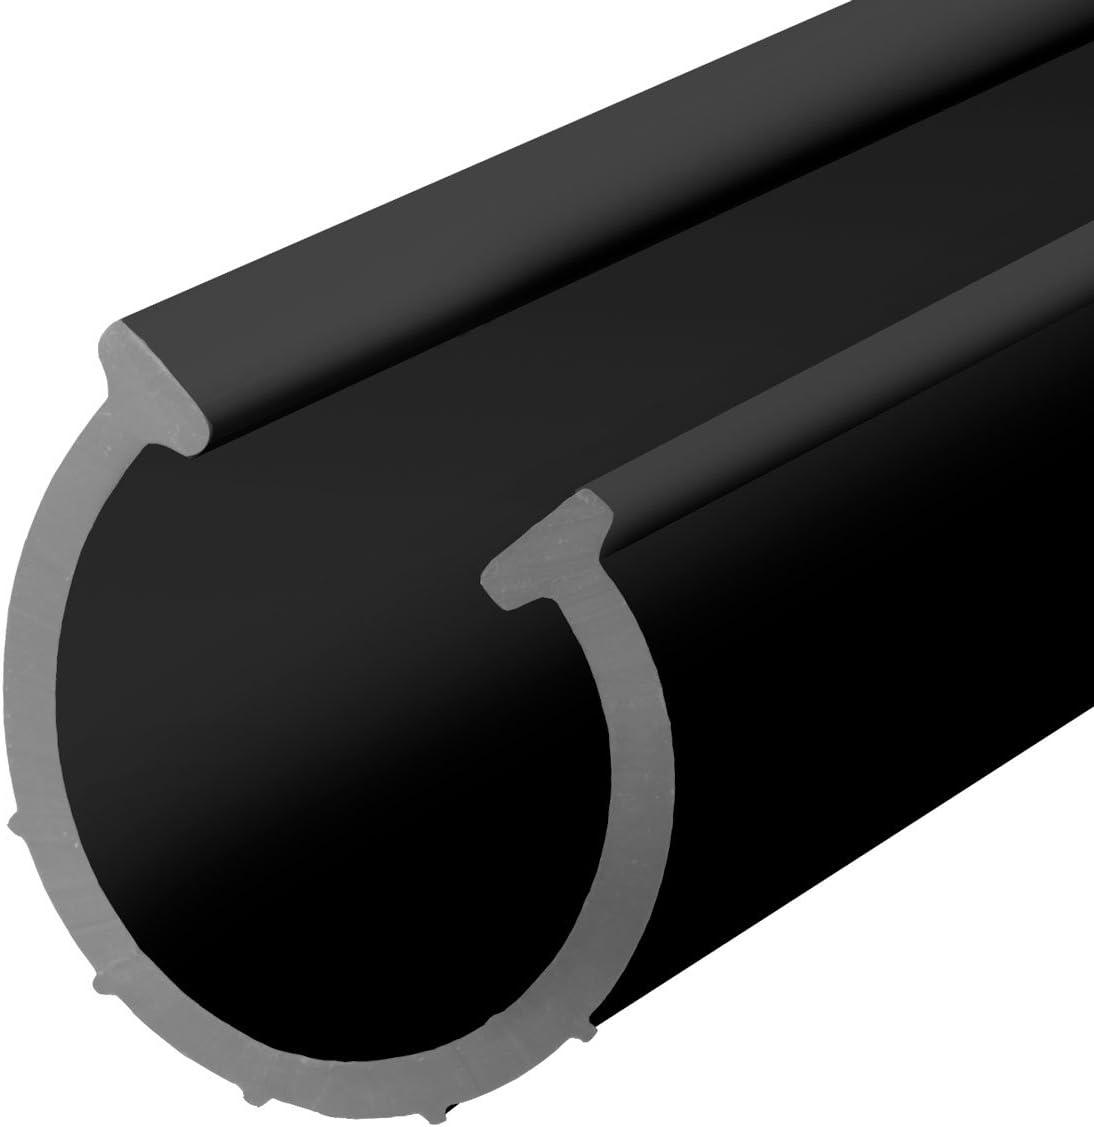 STEIGNER Junta para la Puerta de Garaje SBD02 Negra PVC 70x6 mm, 3 m